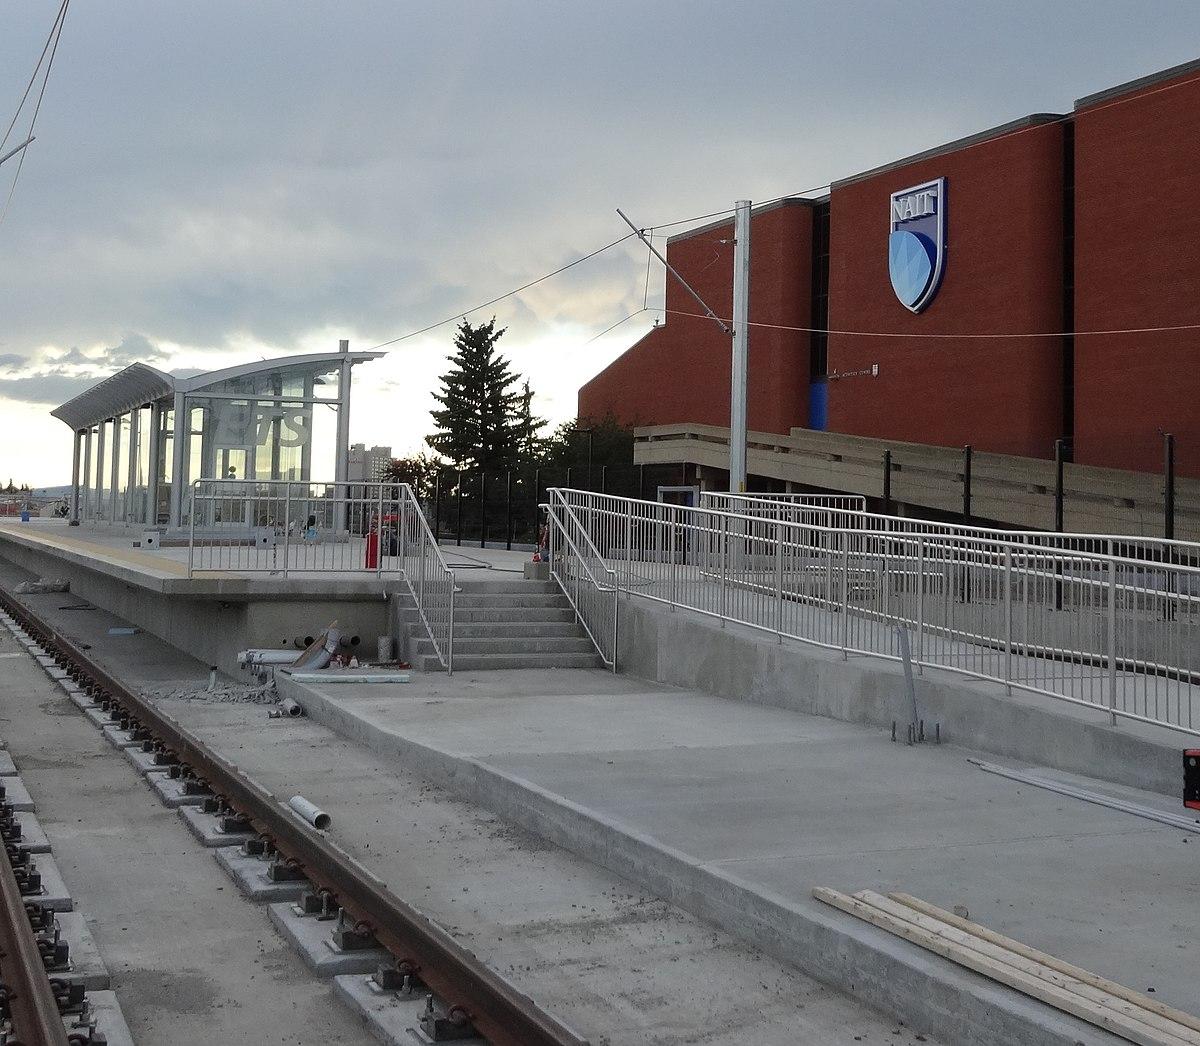 Nait Station Wikipedia